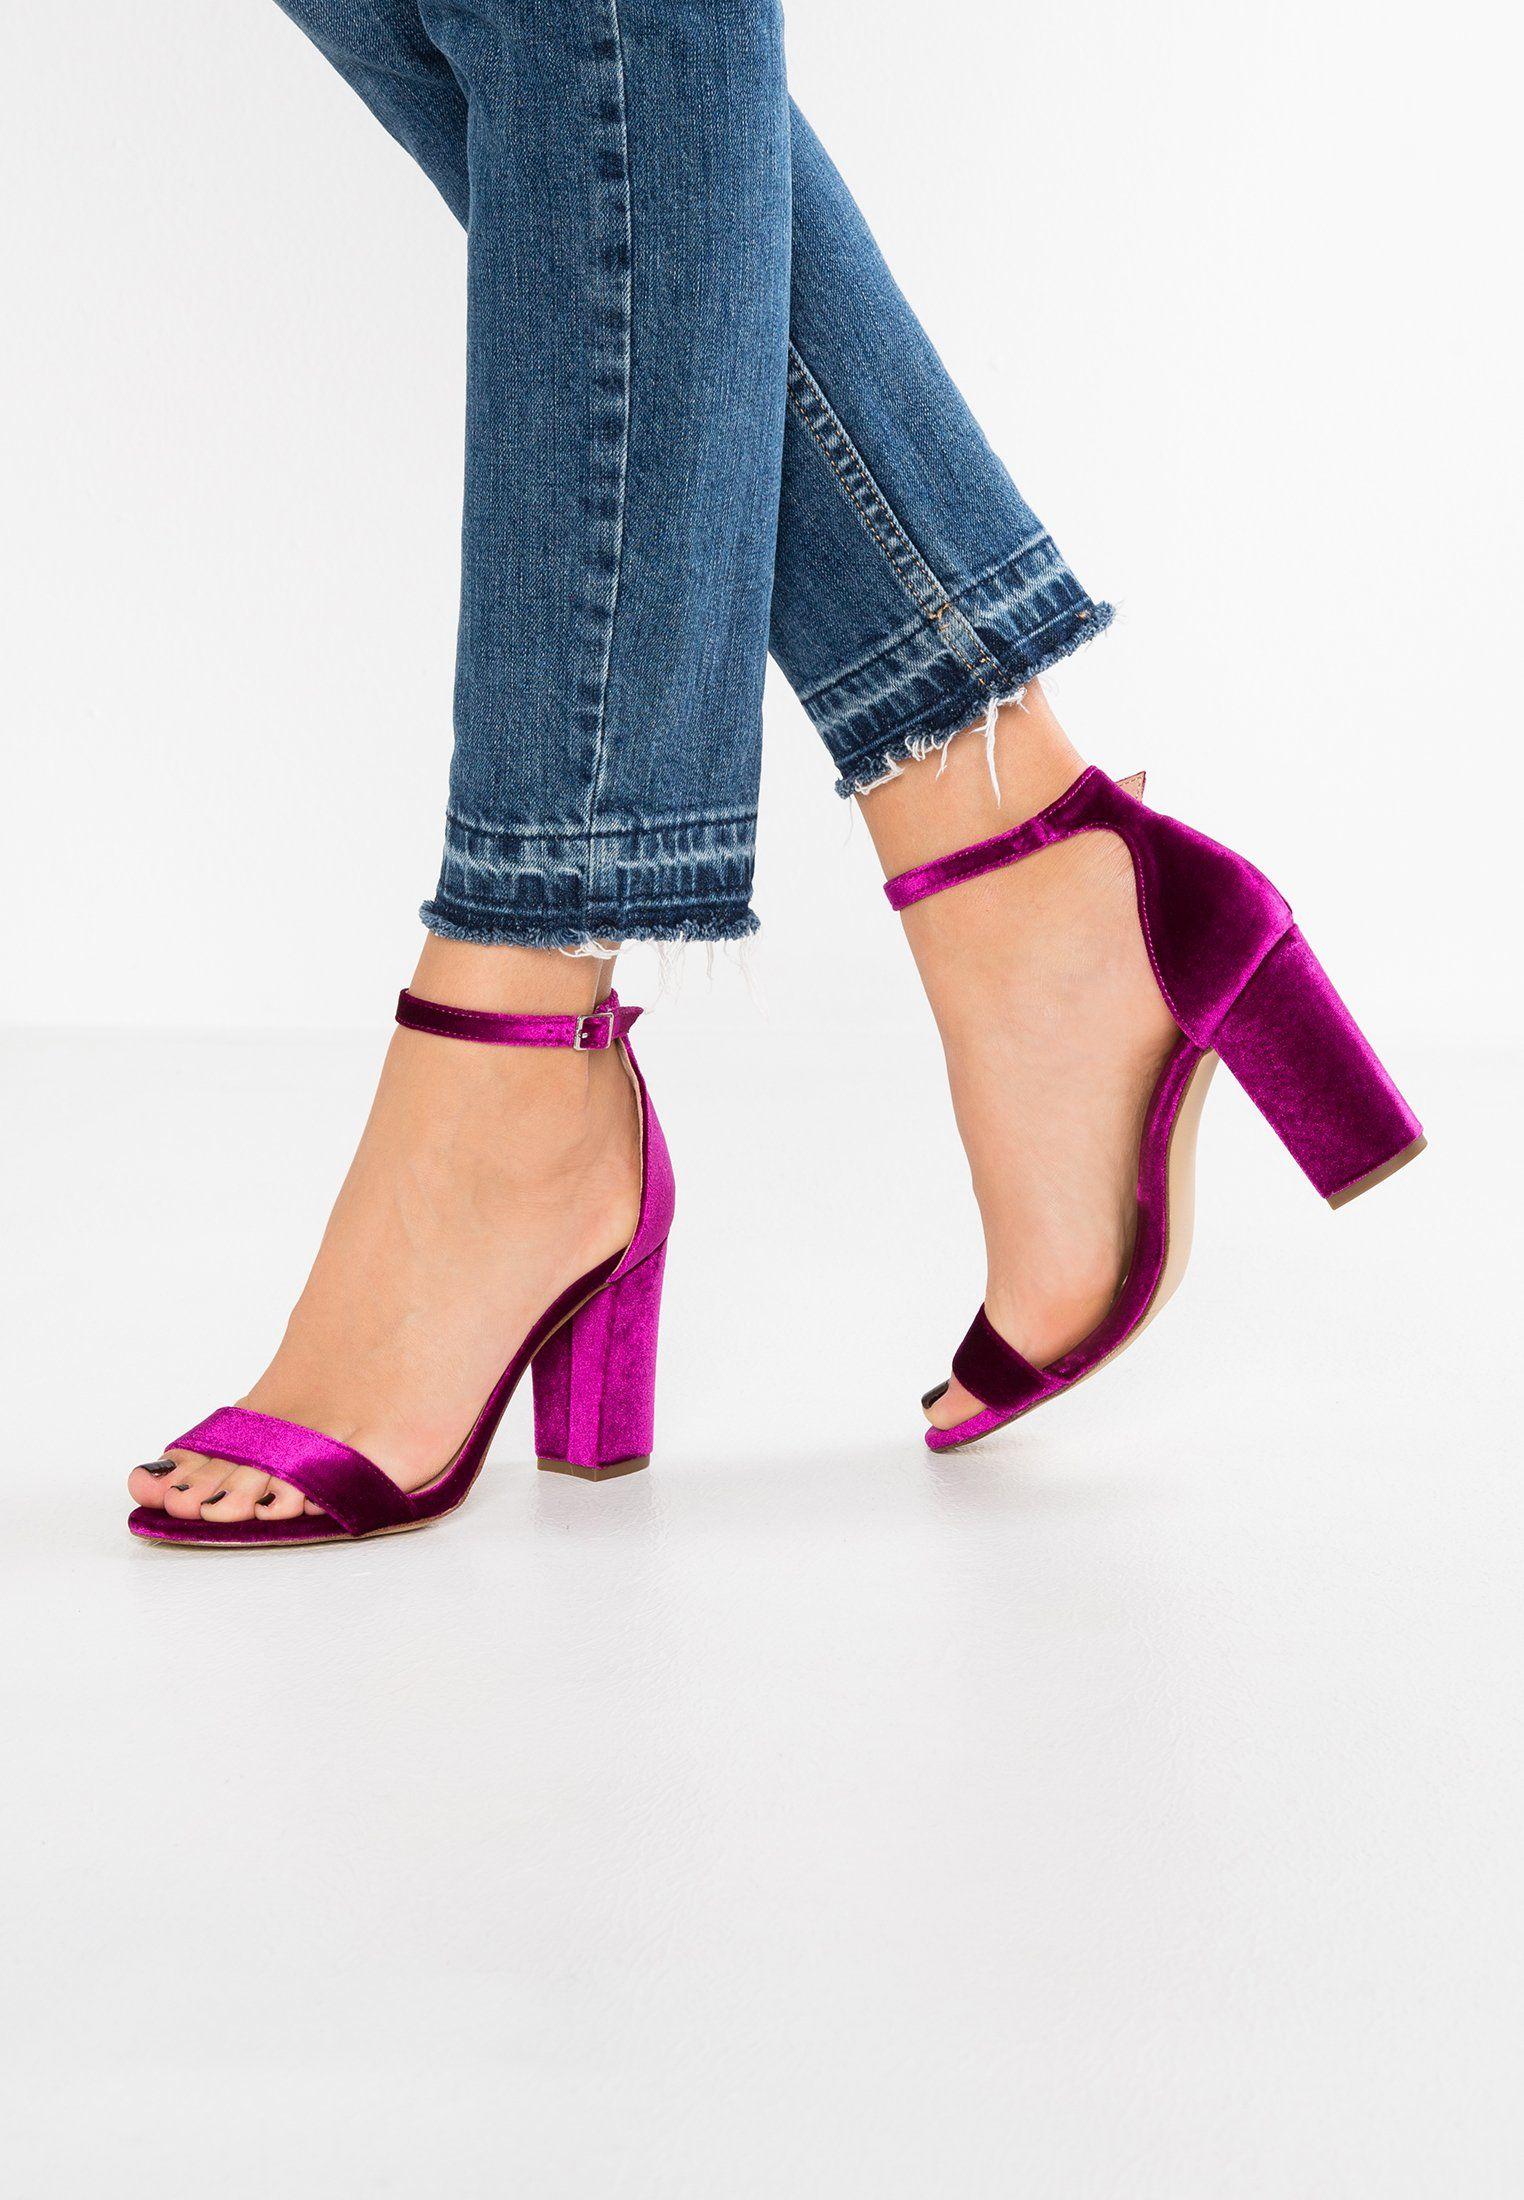 91eb0d1b8d4 Madden girl beella - high heeled sandals magenta women sale,Steve ...